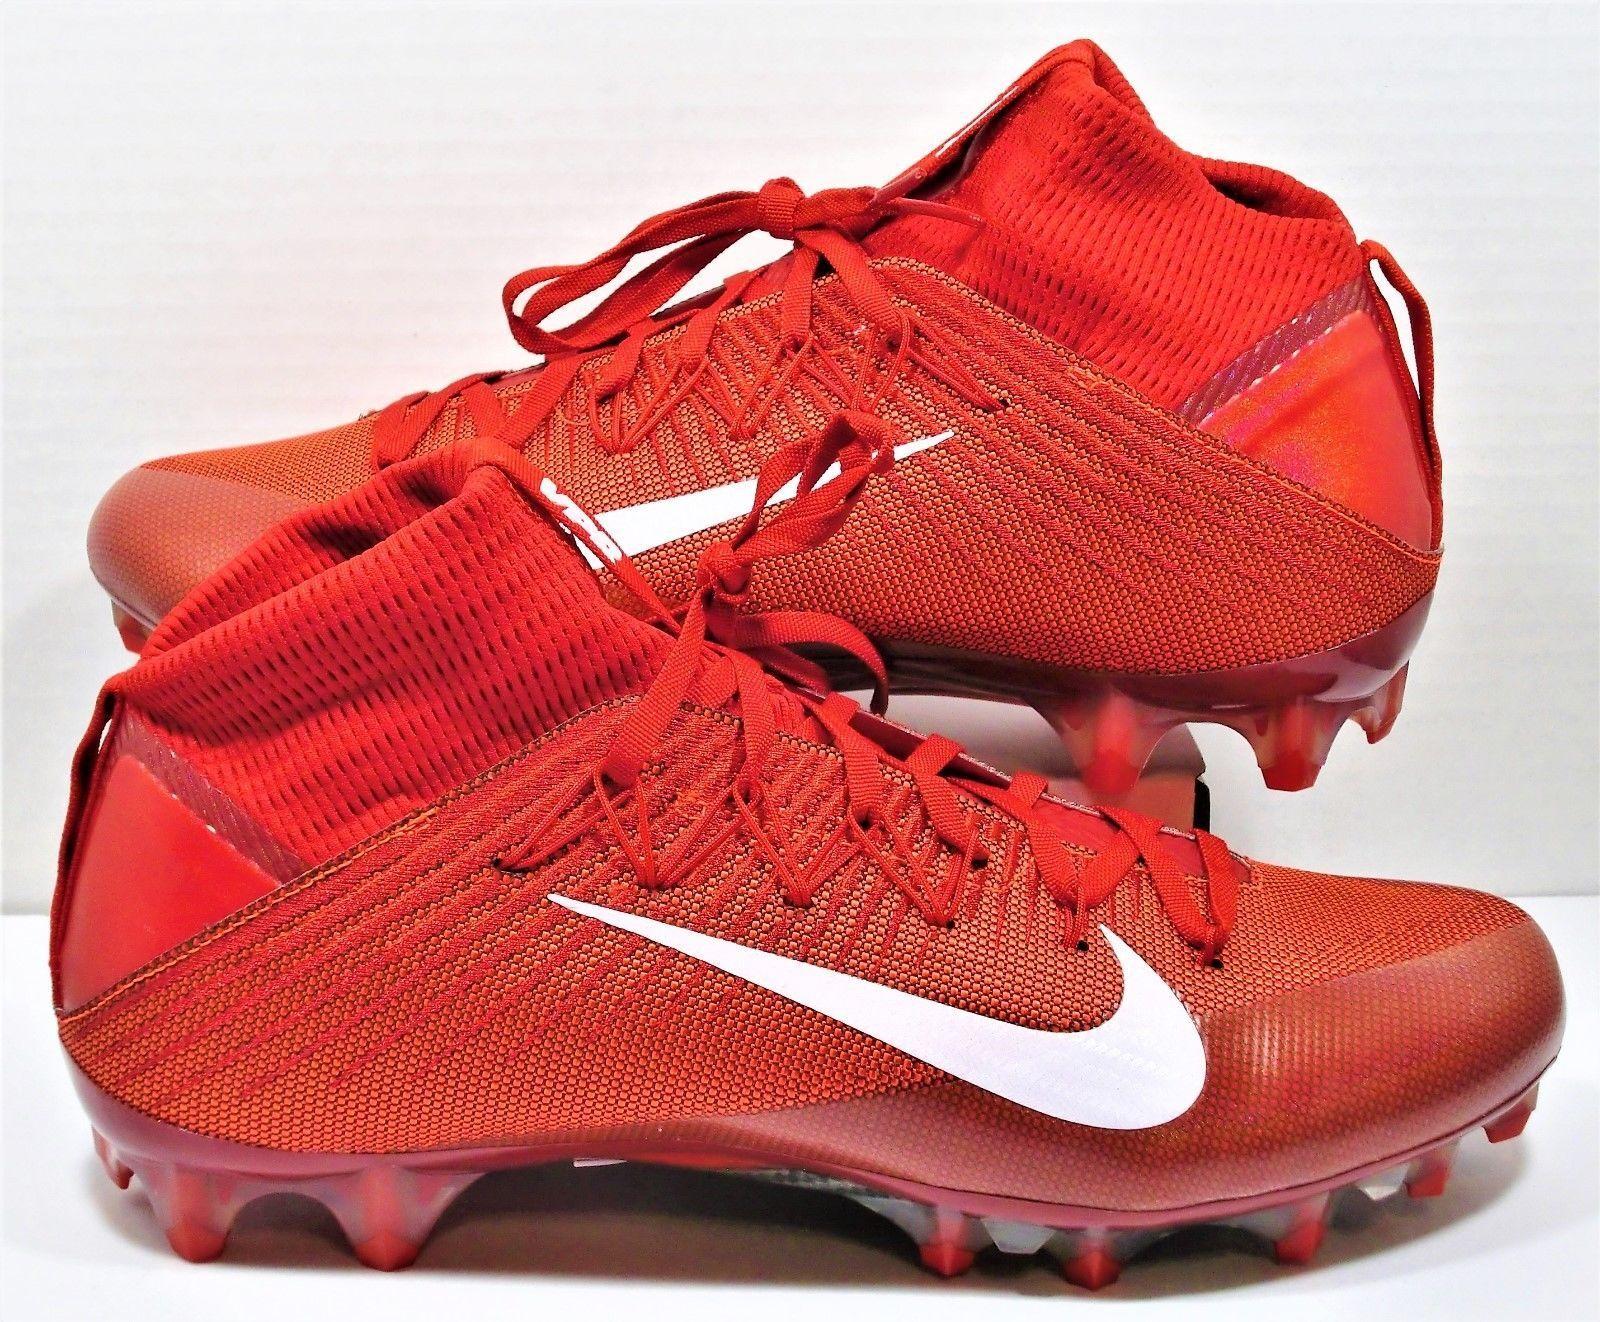 Nike Vapor Unantastbar 2 Universität Rot Rot Rot Fußball Stollenschuhe 824470 616 Größe dfce4b